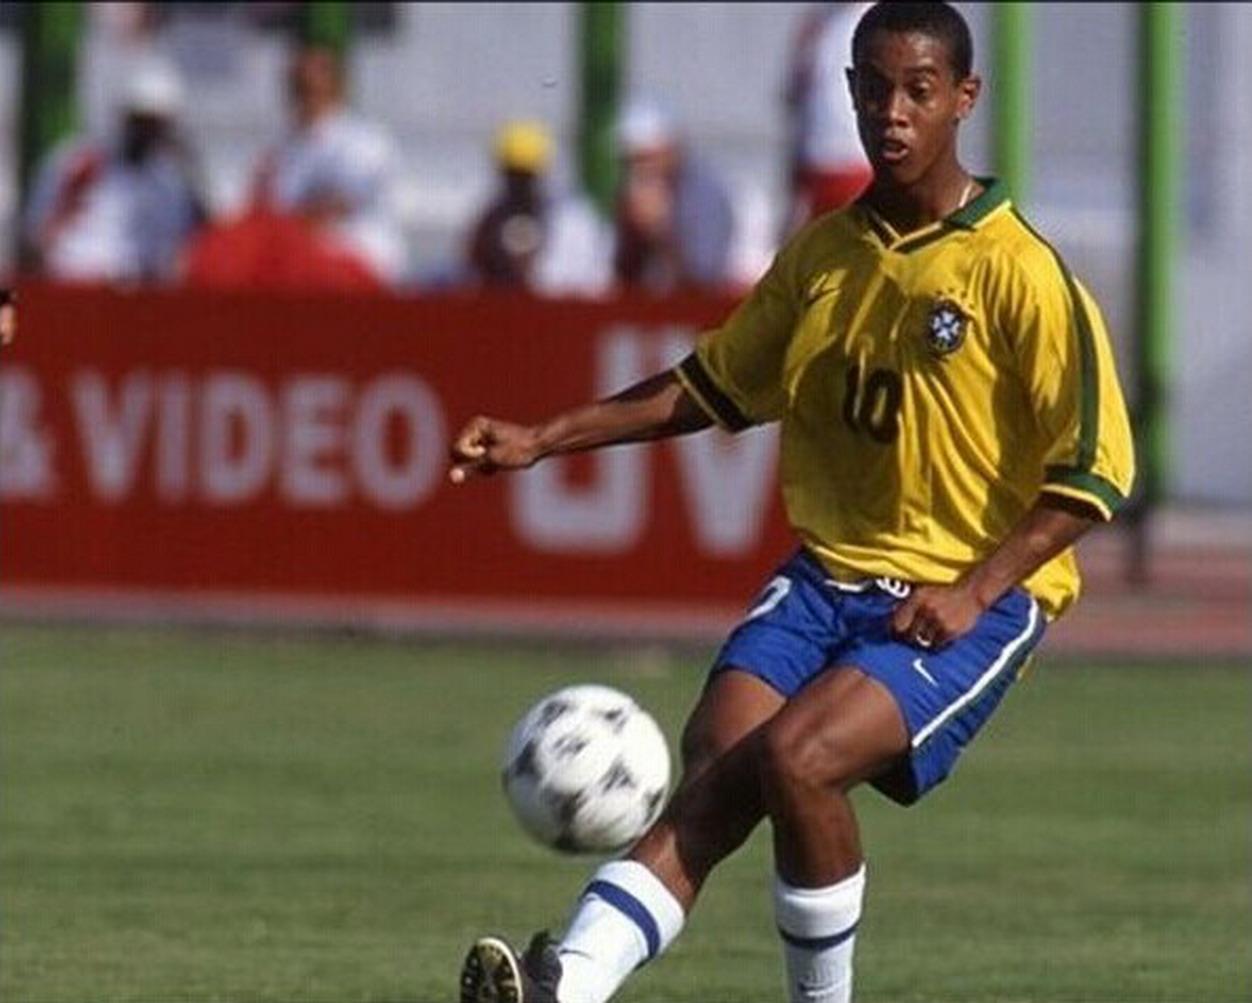 R10 no Mundial sub-17 do Egito, em 97. FOTO: FIFA